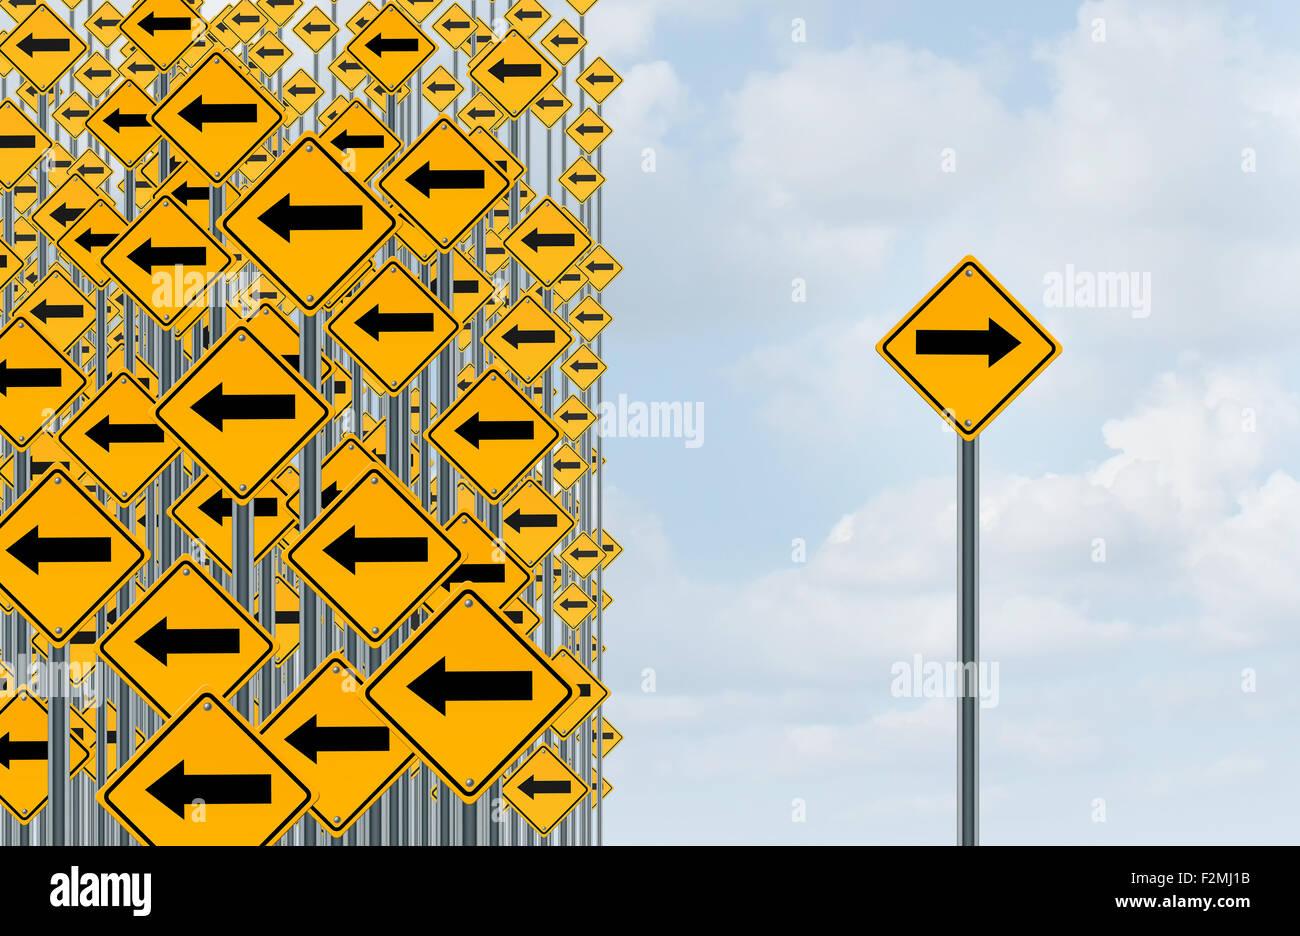 Direzione di individualità e il pensiero indipendente nozione come un gruppo di freccia direzionale segnali Immagini Stock